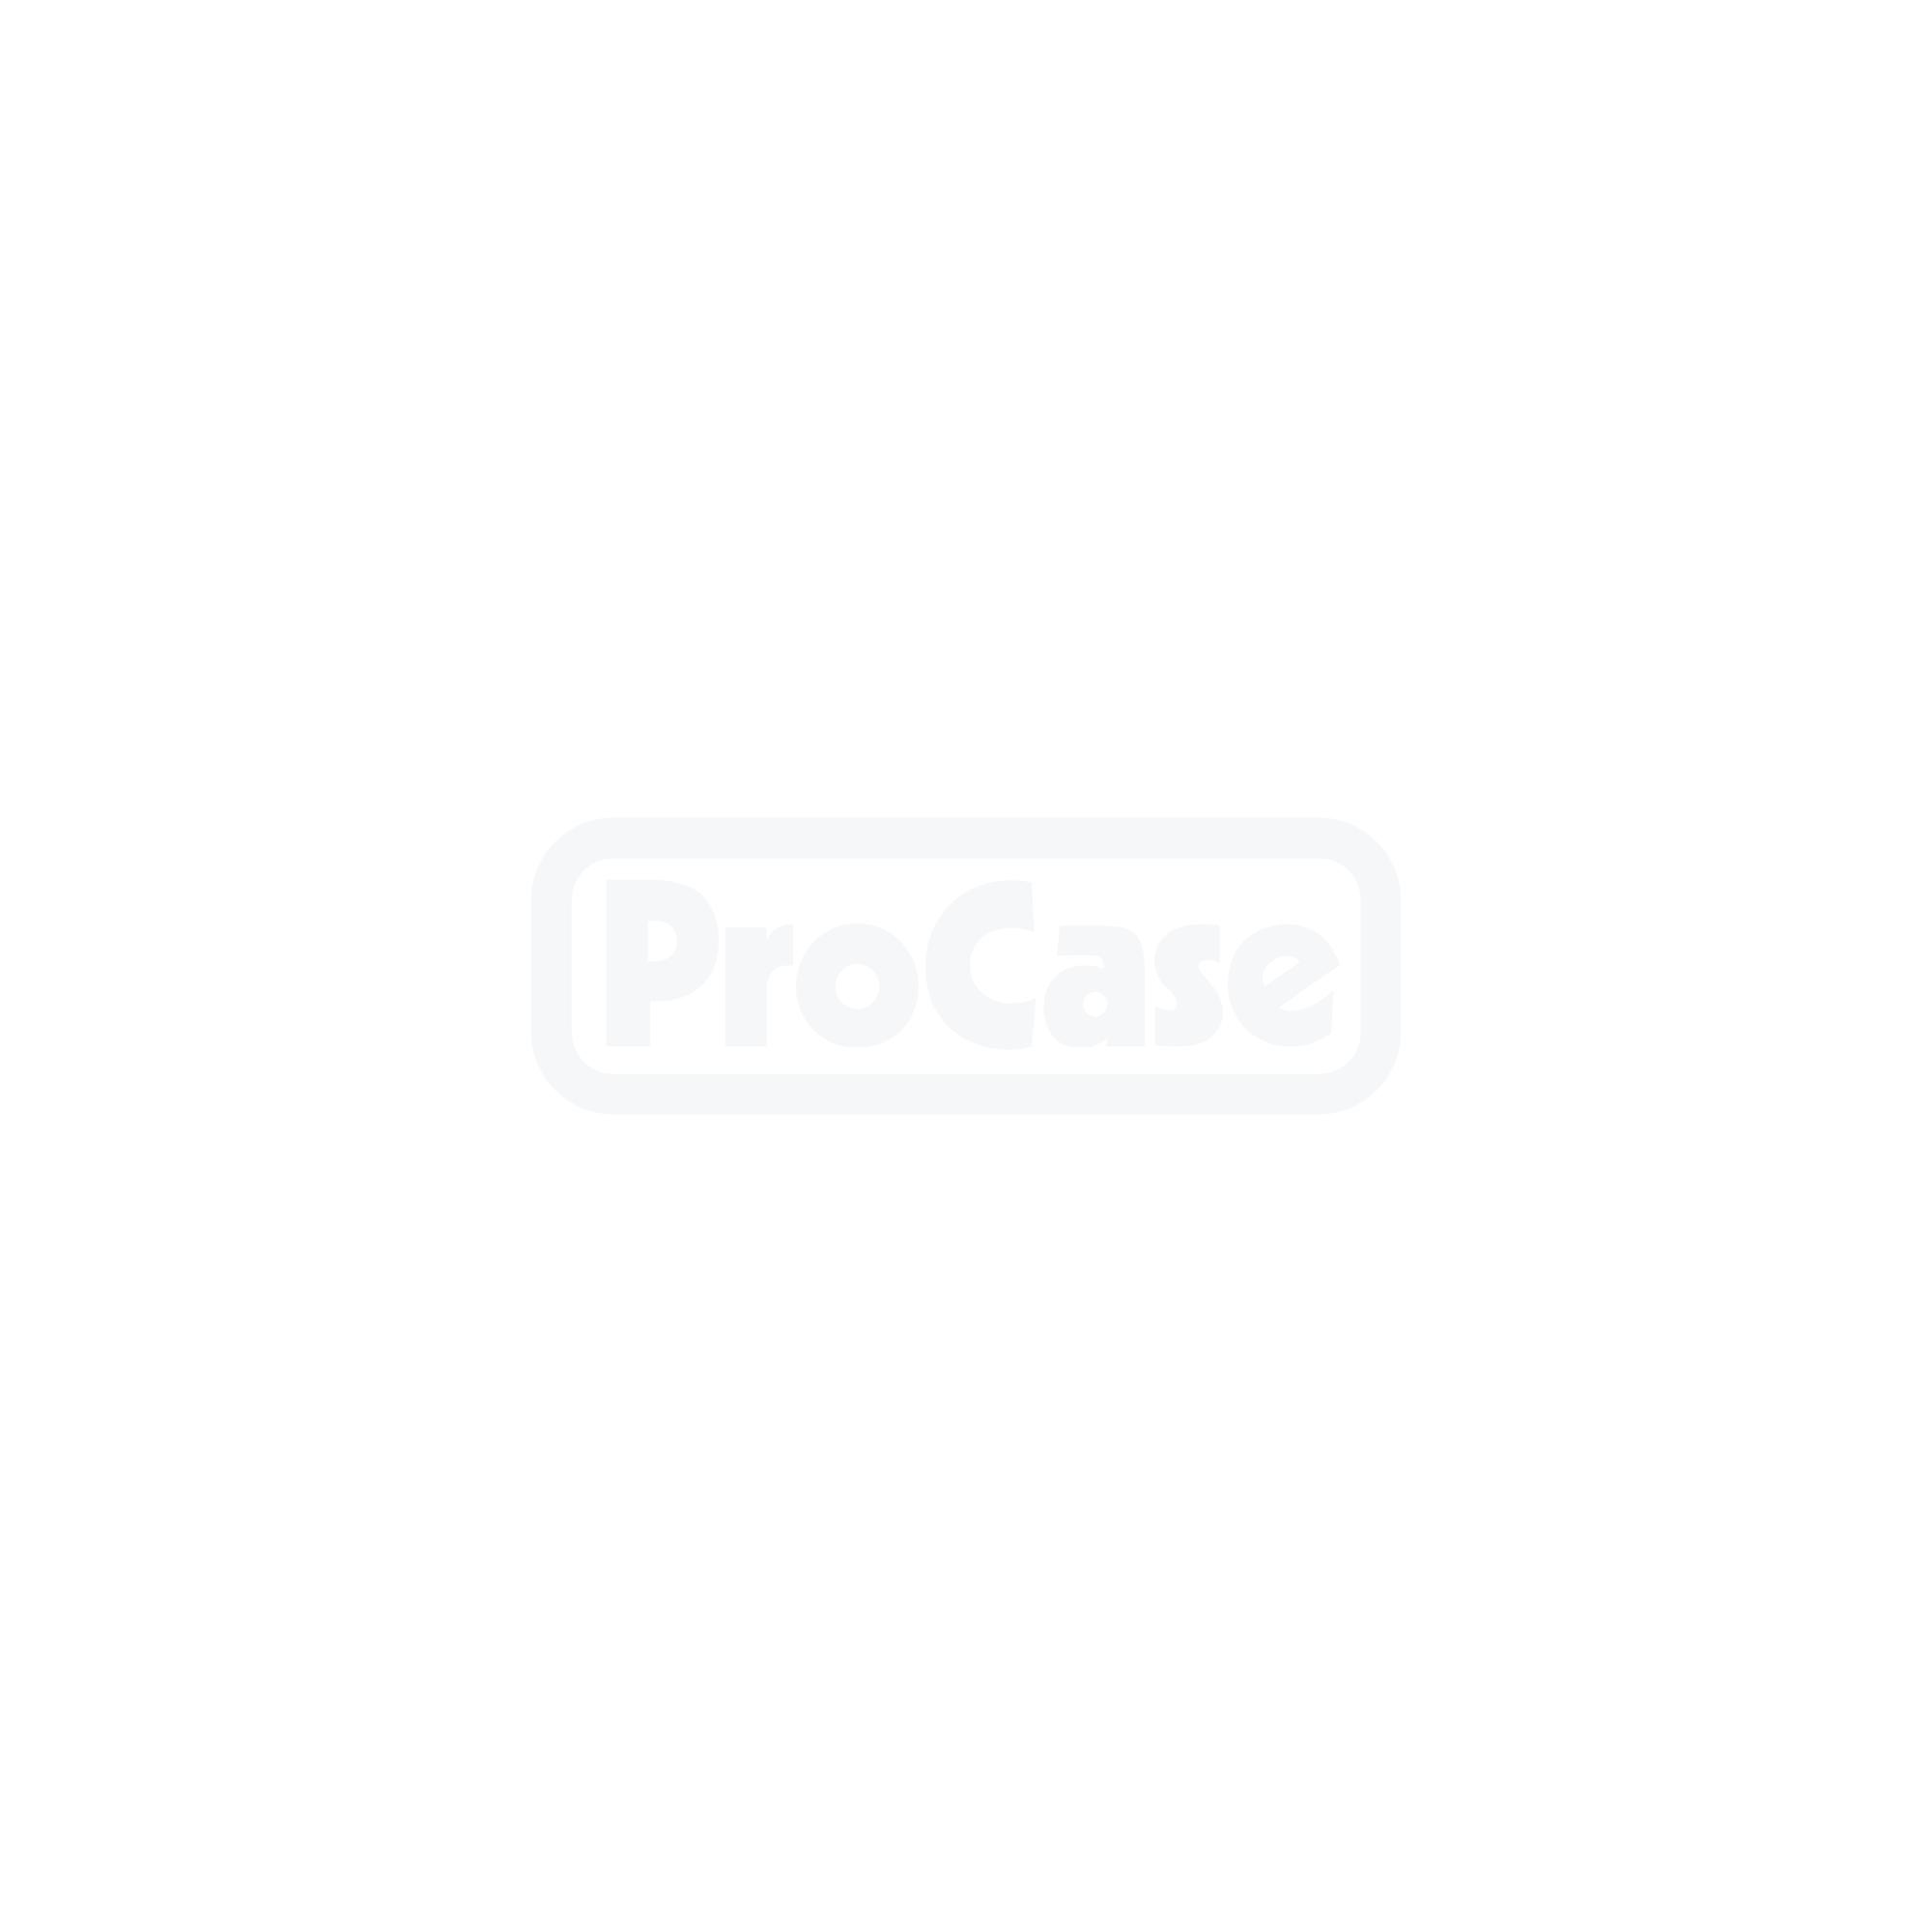 SINORA Koffer für Blackmagic ATEM Television Studio Pro 4K/HD 2